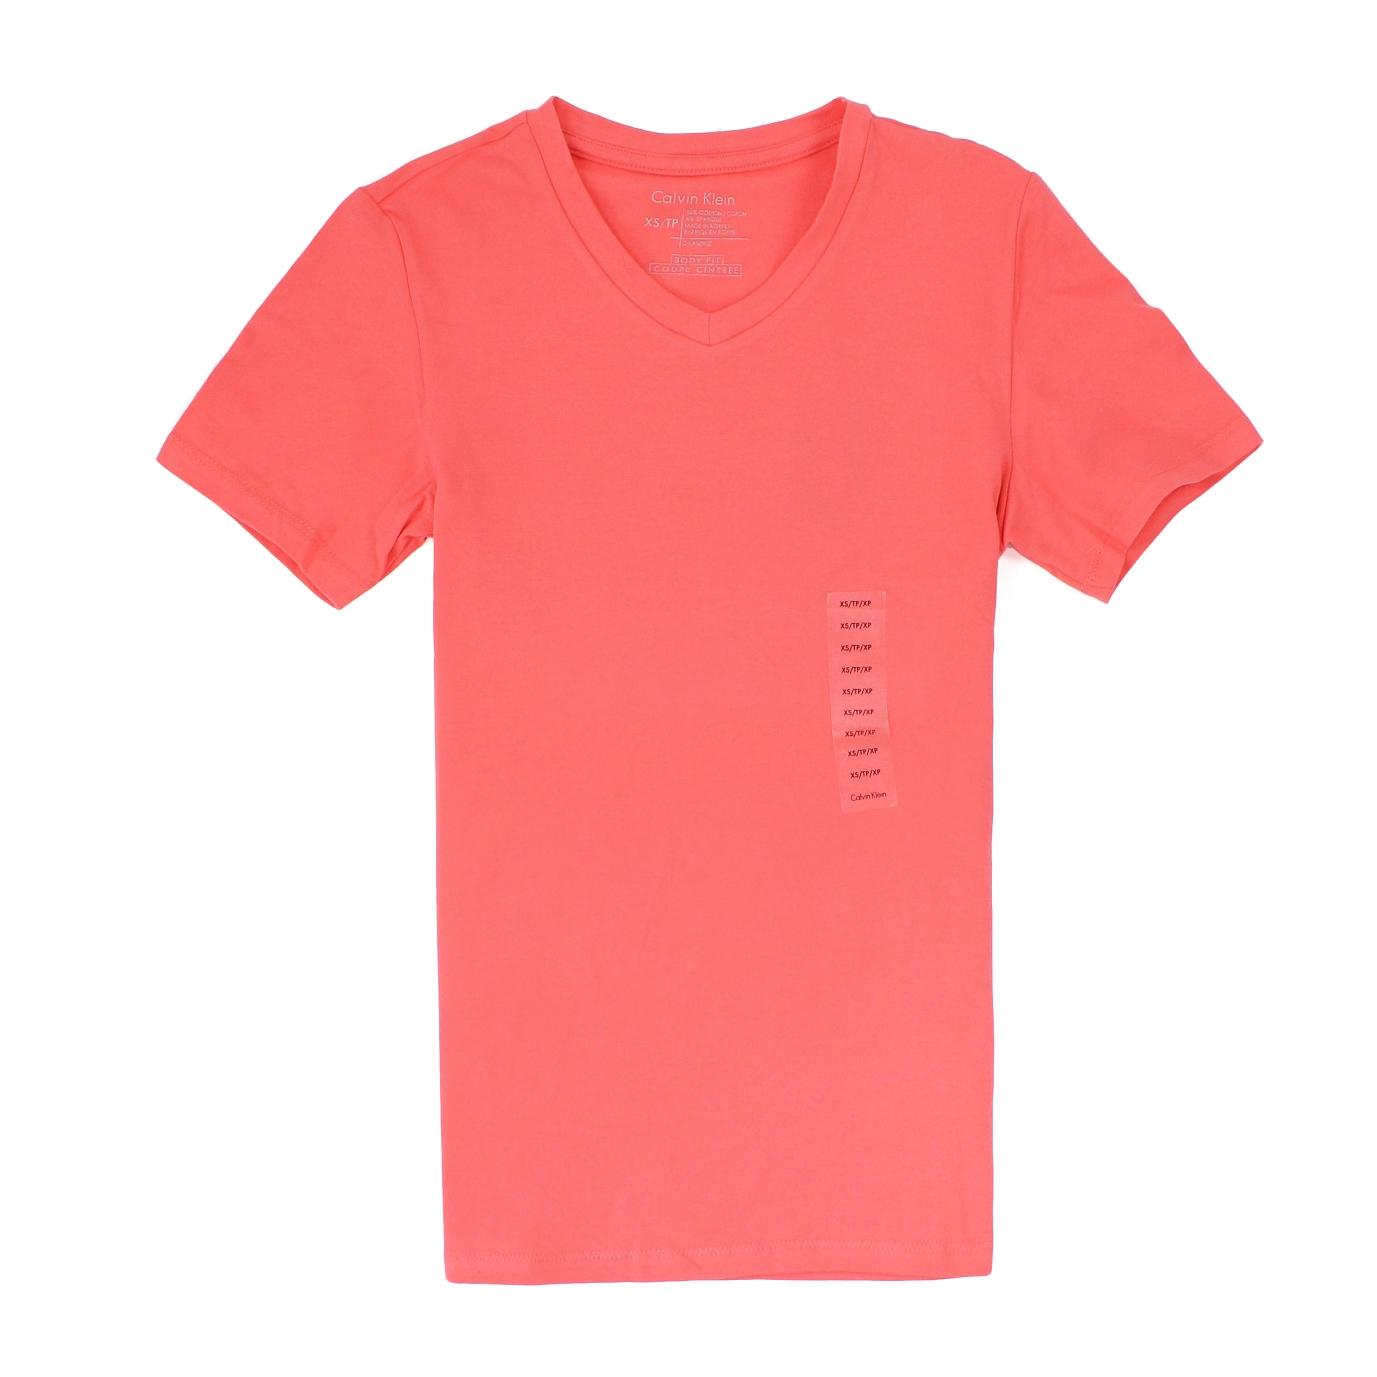 美國百分百【全新真品】Calvin Klein T恤 CK 短袖 上衣 T-shirt 短T 珊瑚紅 素面 V領 彈性 男 XXS M